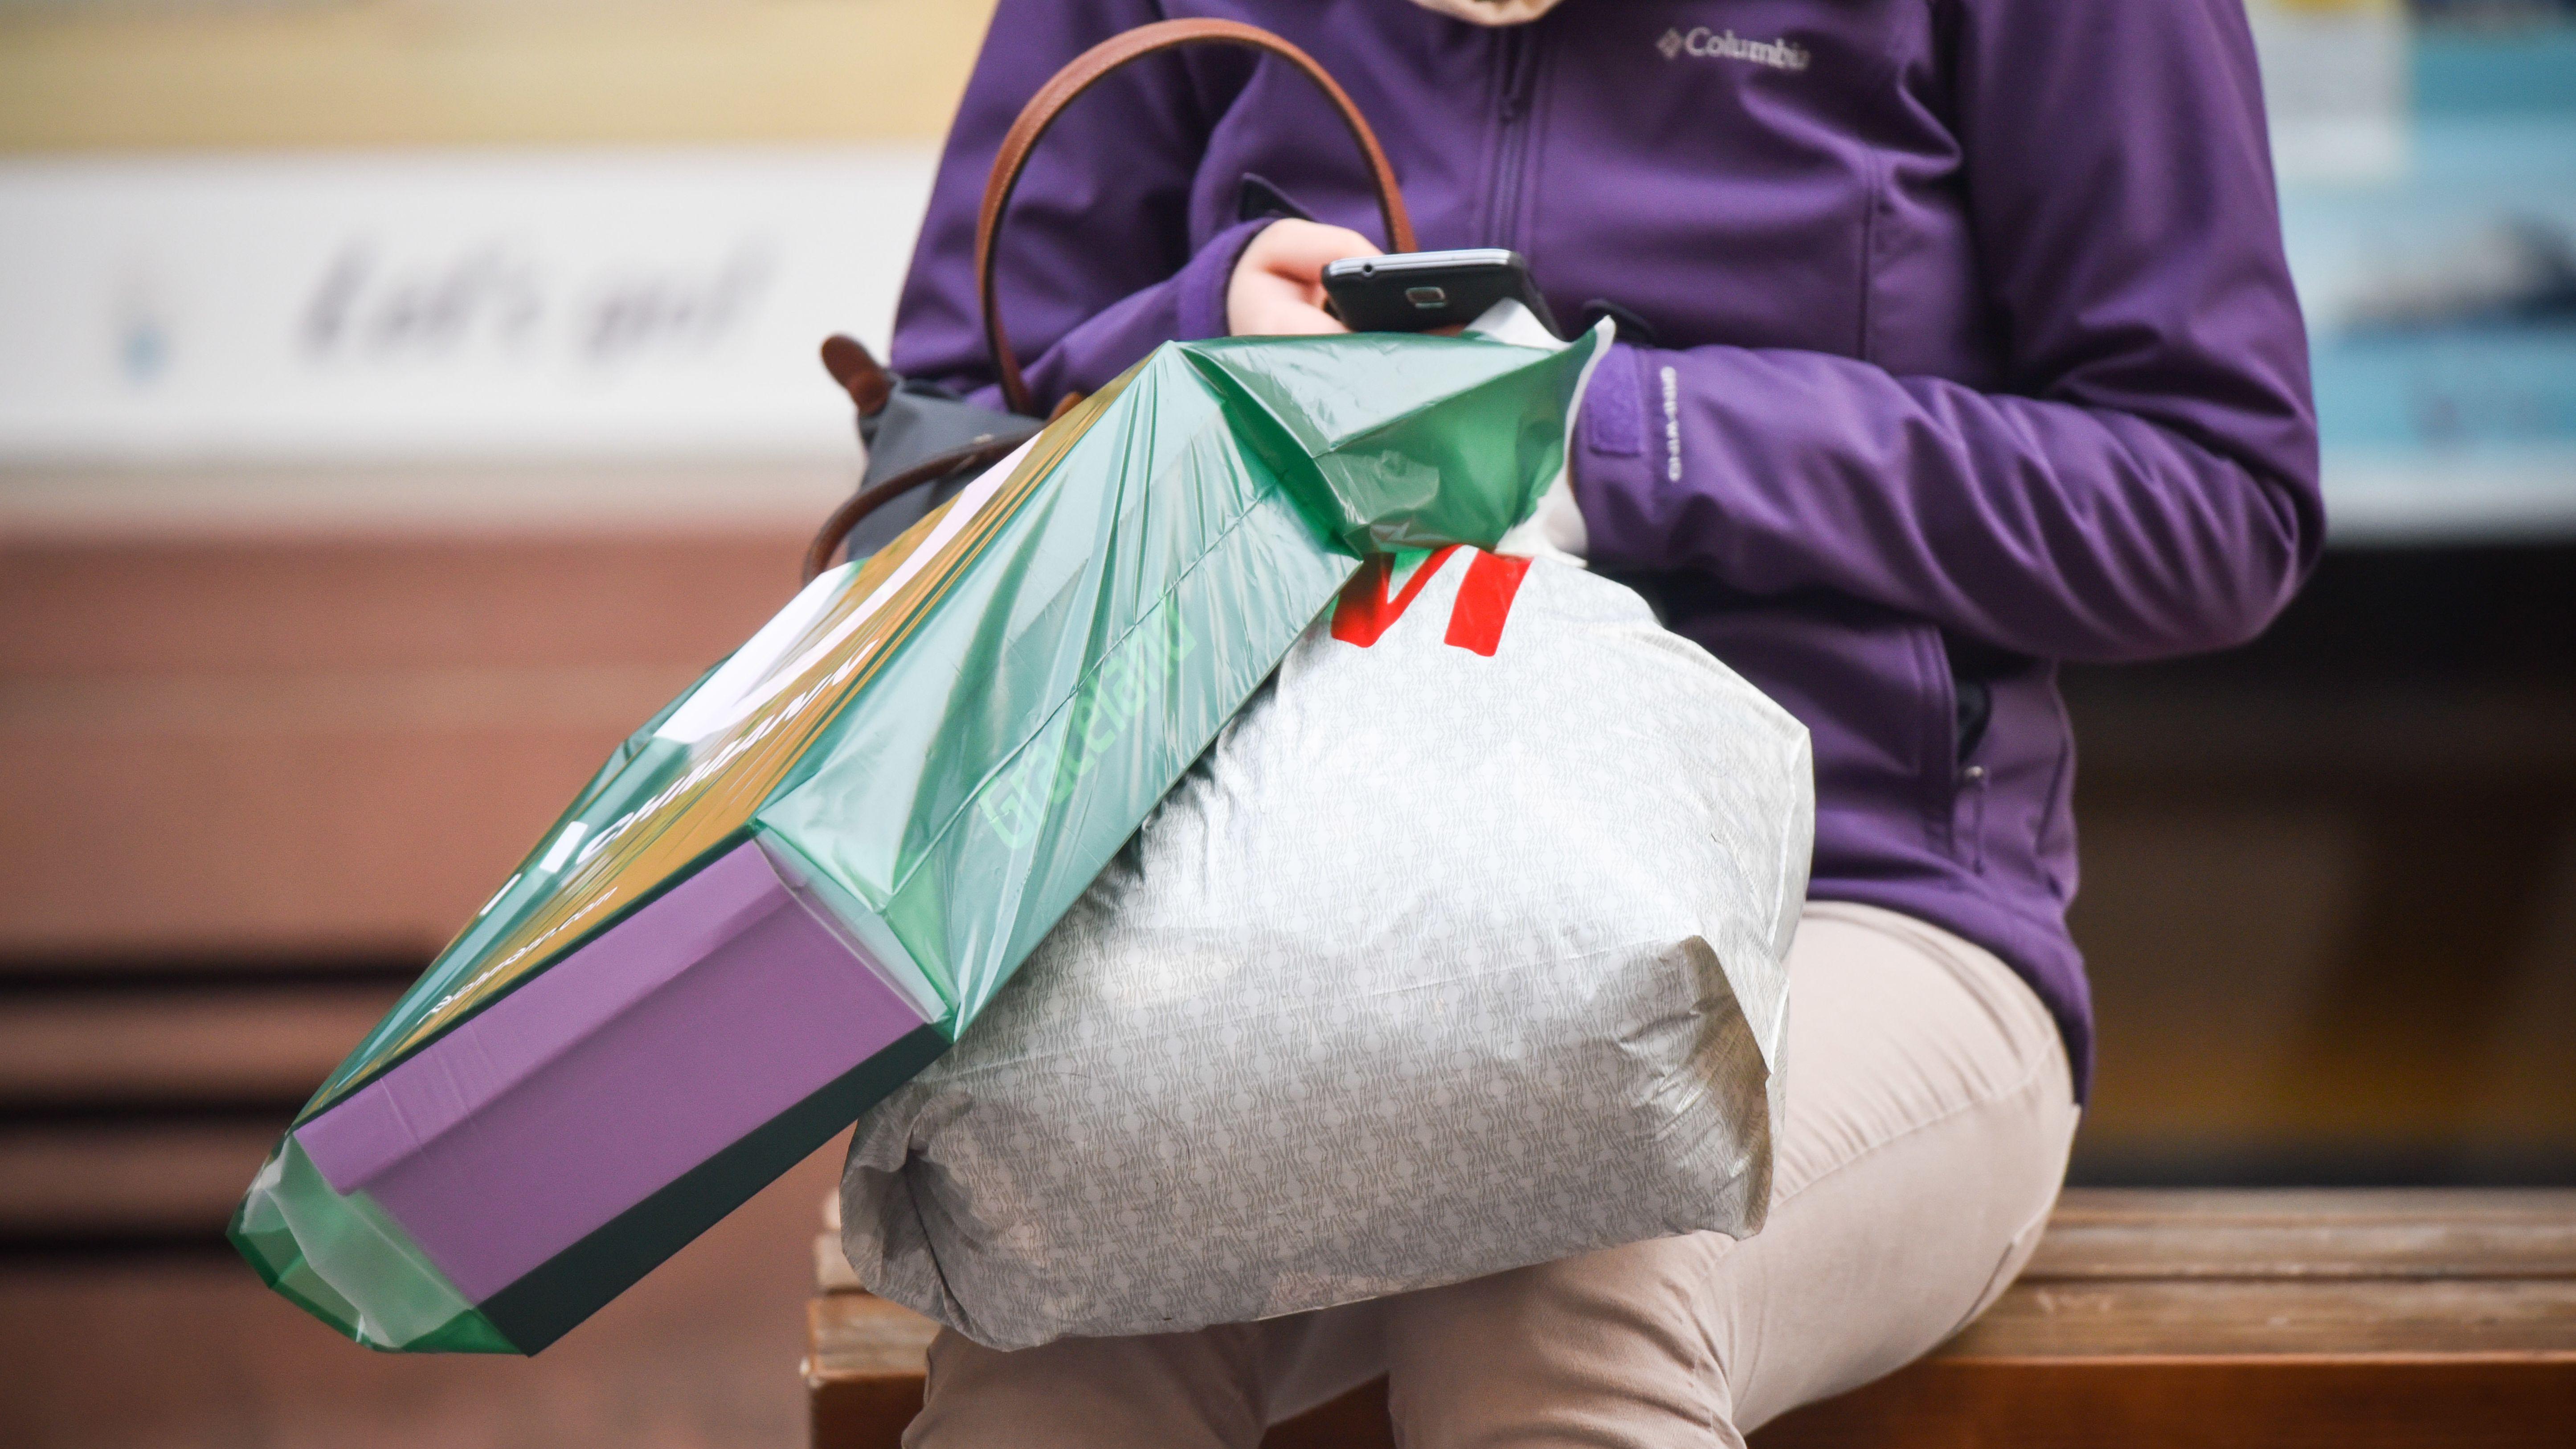 Frau mit Einkaufstaschen auf einer Bank